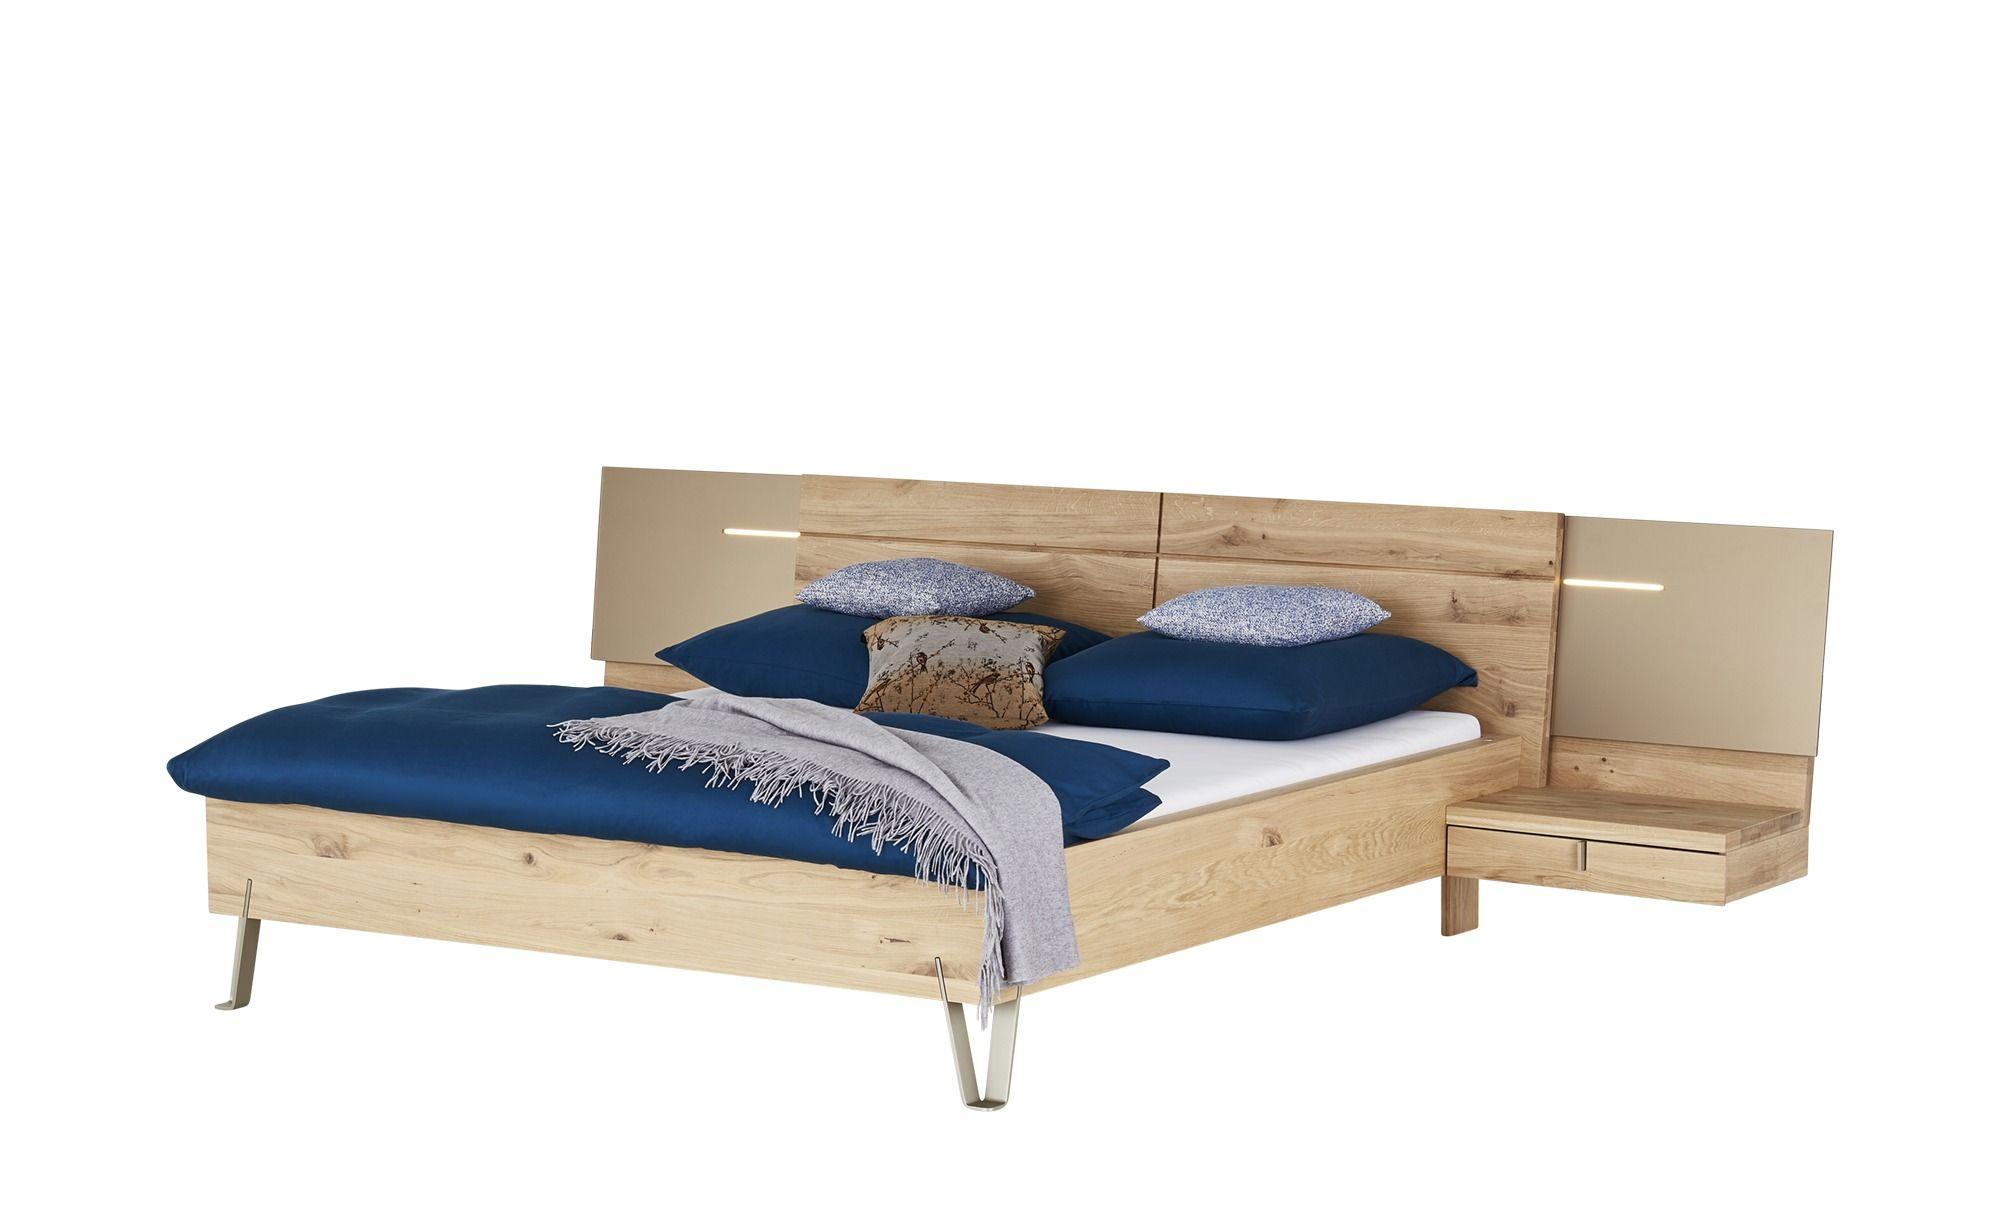 Bett Komplett Mit Lattenrost Und Matratze 140x200 Doppelbett 160x200 Mit Schubladen Doppelbett Englisch Ubersetzung Bett We In 2020 Holzfarben Designer Bett Bett